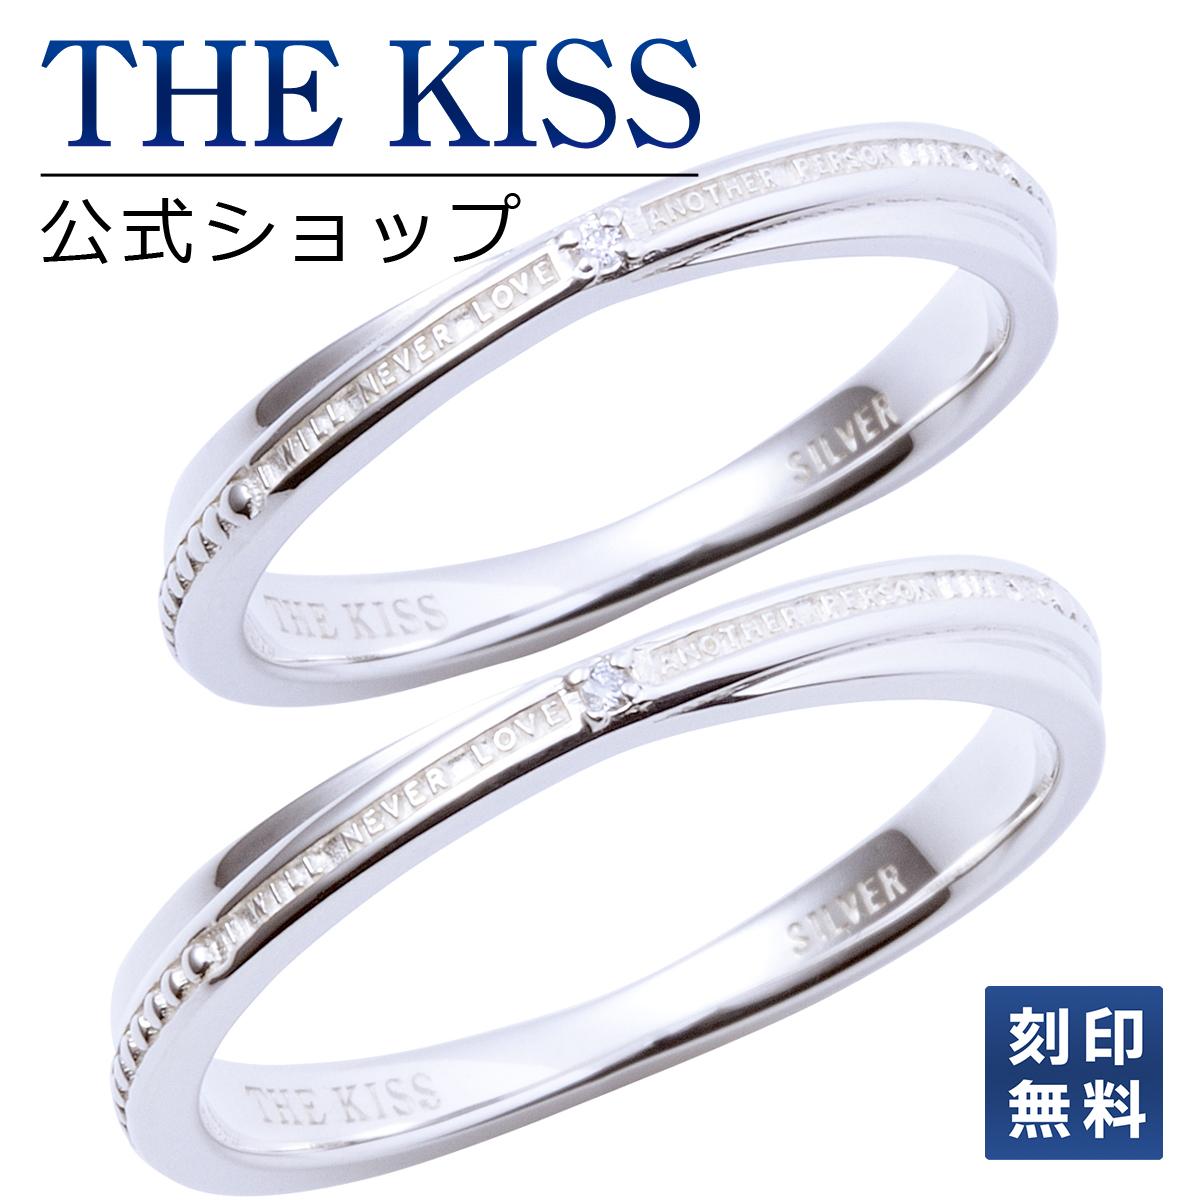 【刻印可_3文字】【あす楽対応】THE KISS 公式サイト シルバー ペアリング ダイヤモンド ペアアクセサリー カップル に 人気 の ジュエリーブランド THEKISS ペア リング・指輪 記念日 プレゼント SR771DM-P セット シンプル ザキス 【送料無料】